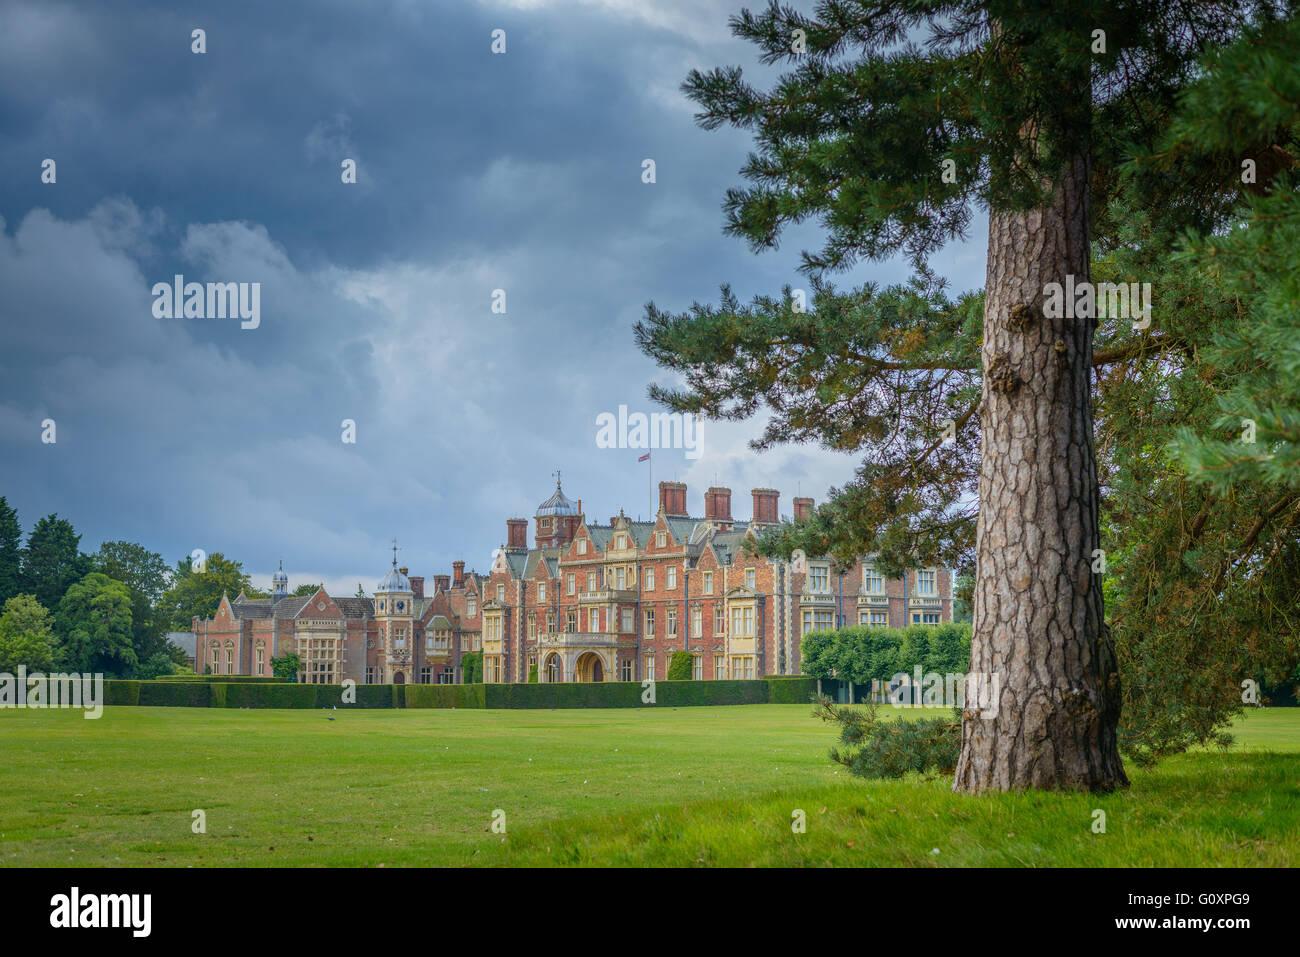 Sturm Wolken über Residenz der Queen in Norfolk, Sandringham House Stockfoto